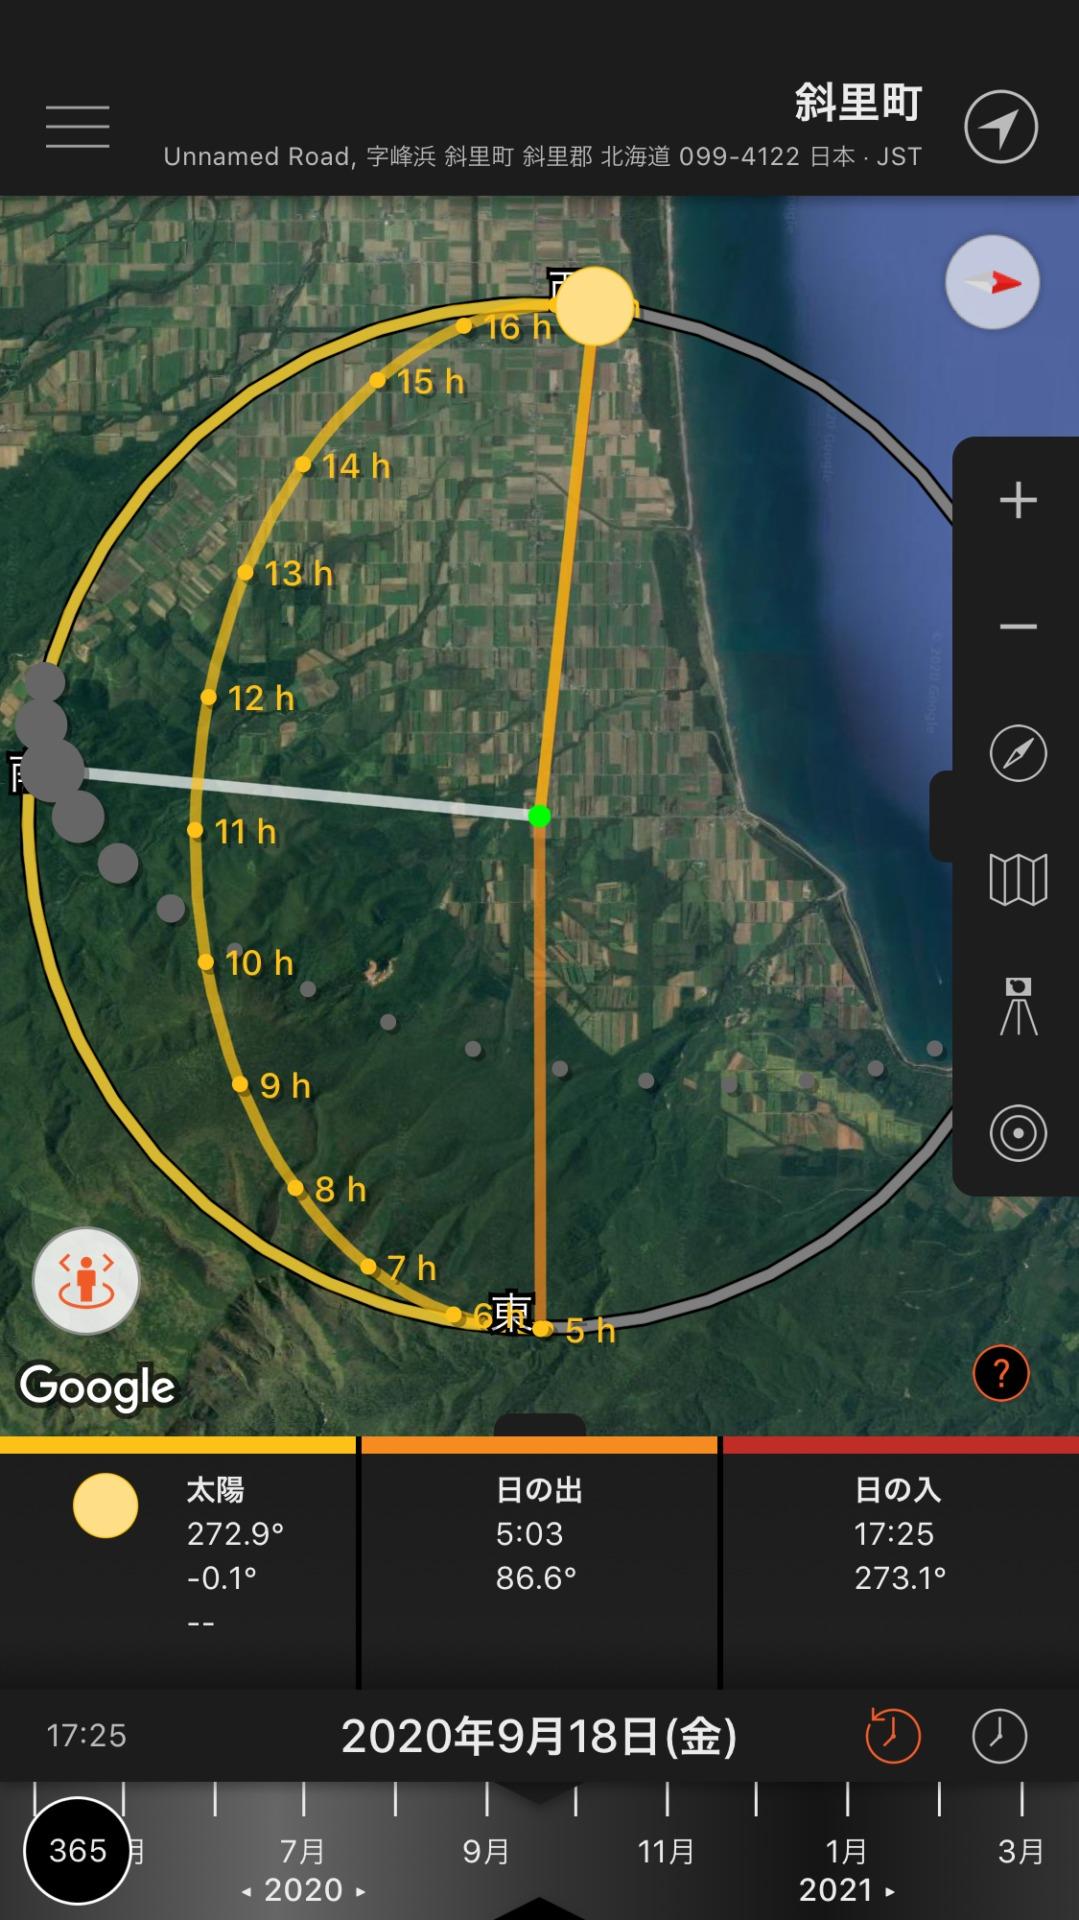 北海道 斜里町 天へ続く道の夕日シミュレーション